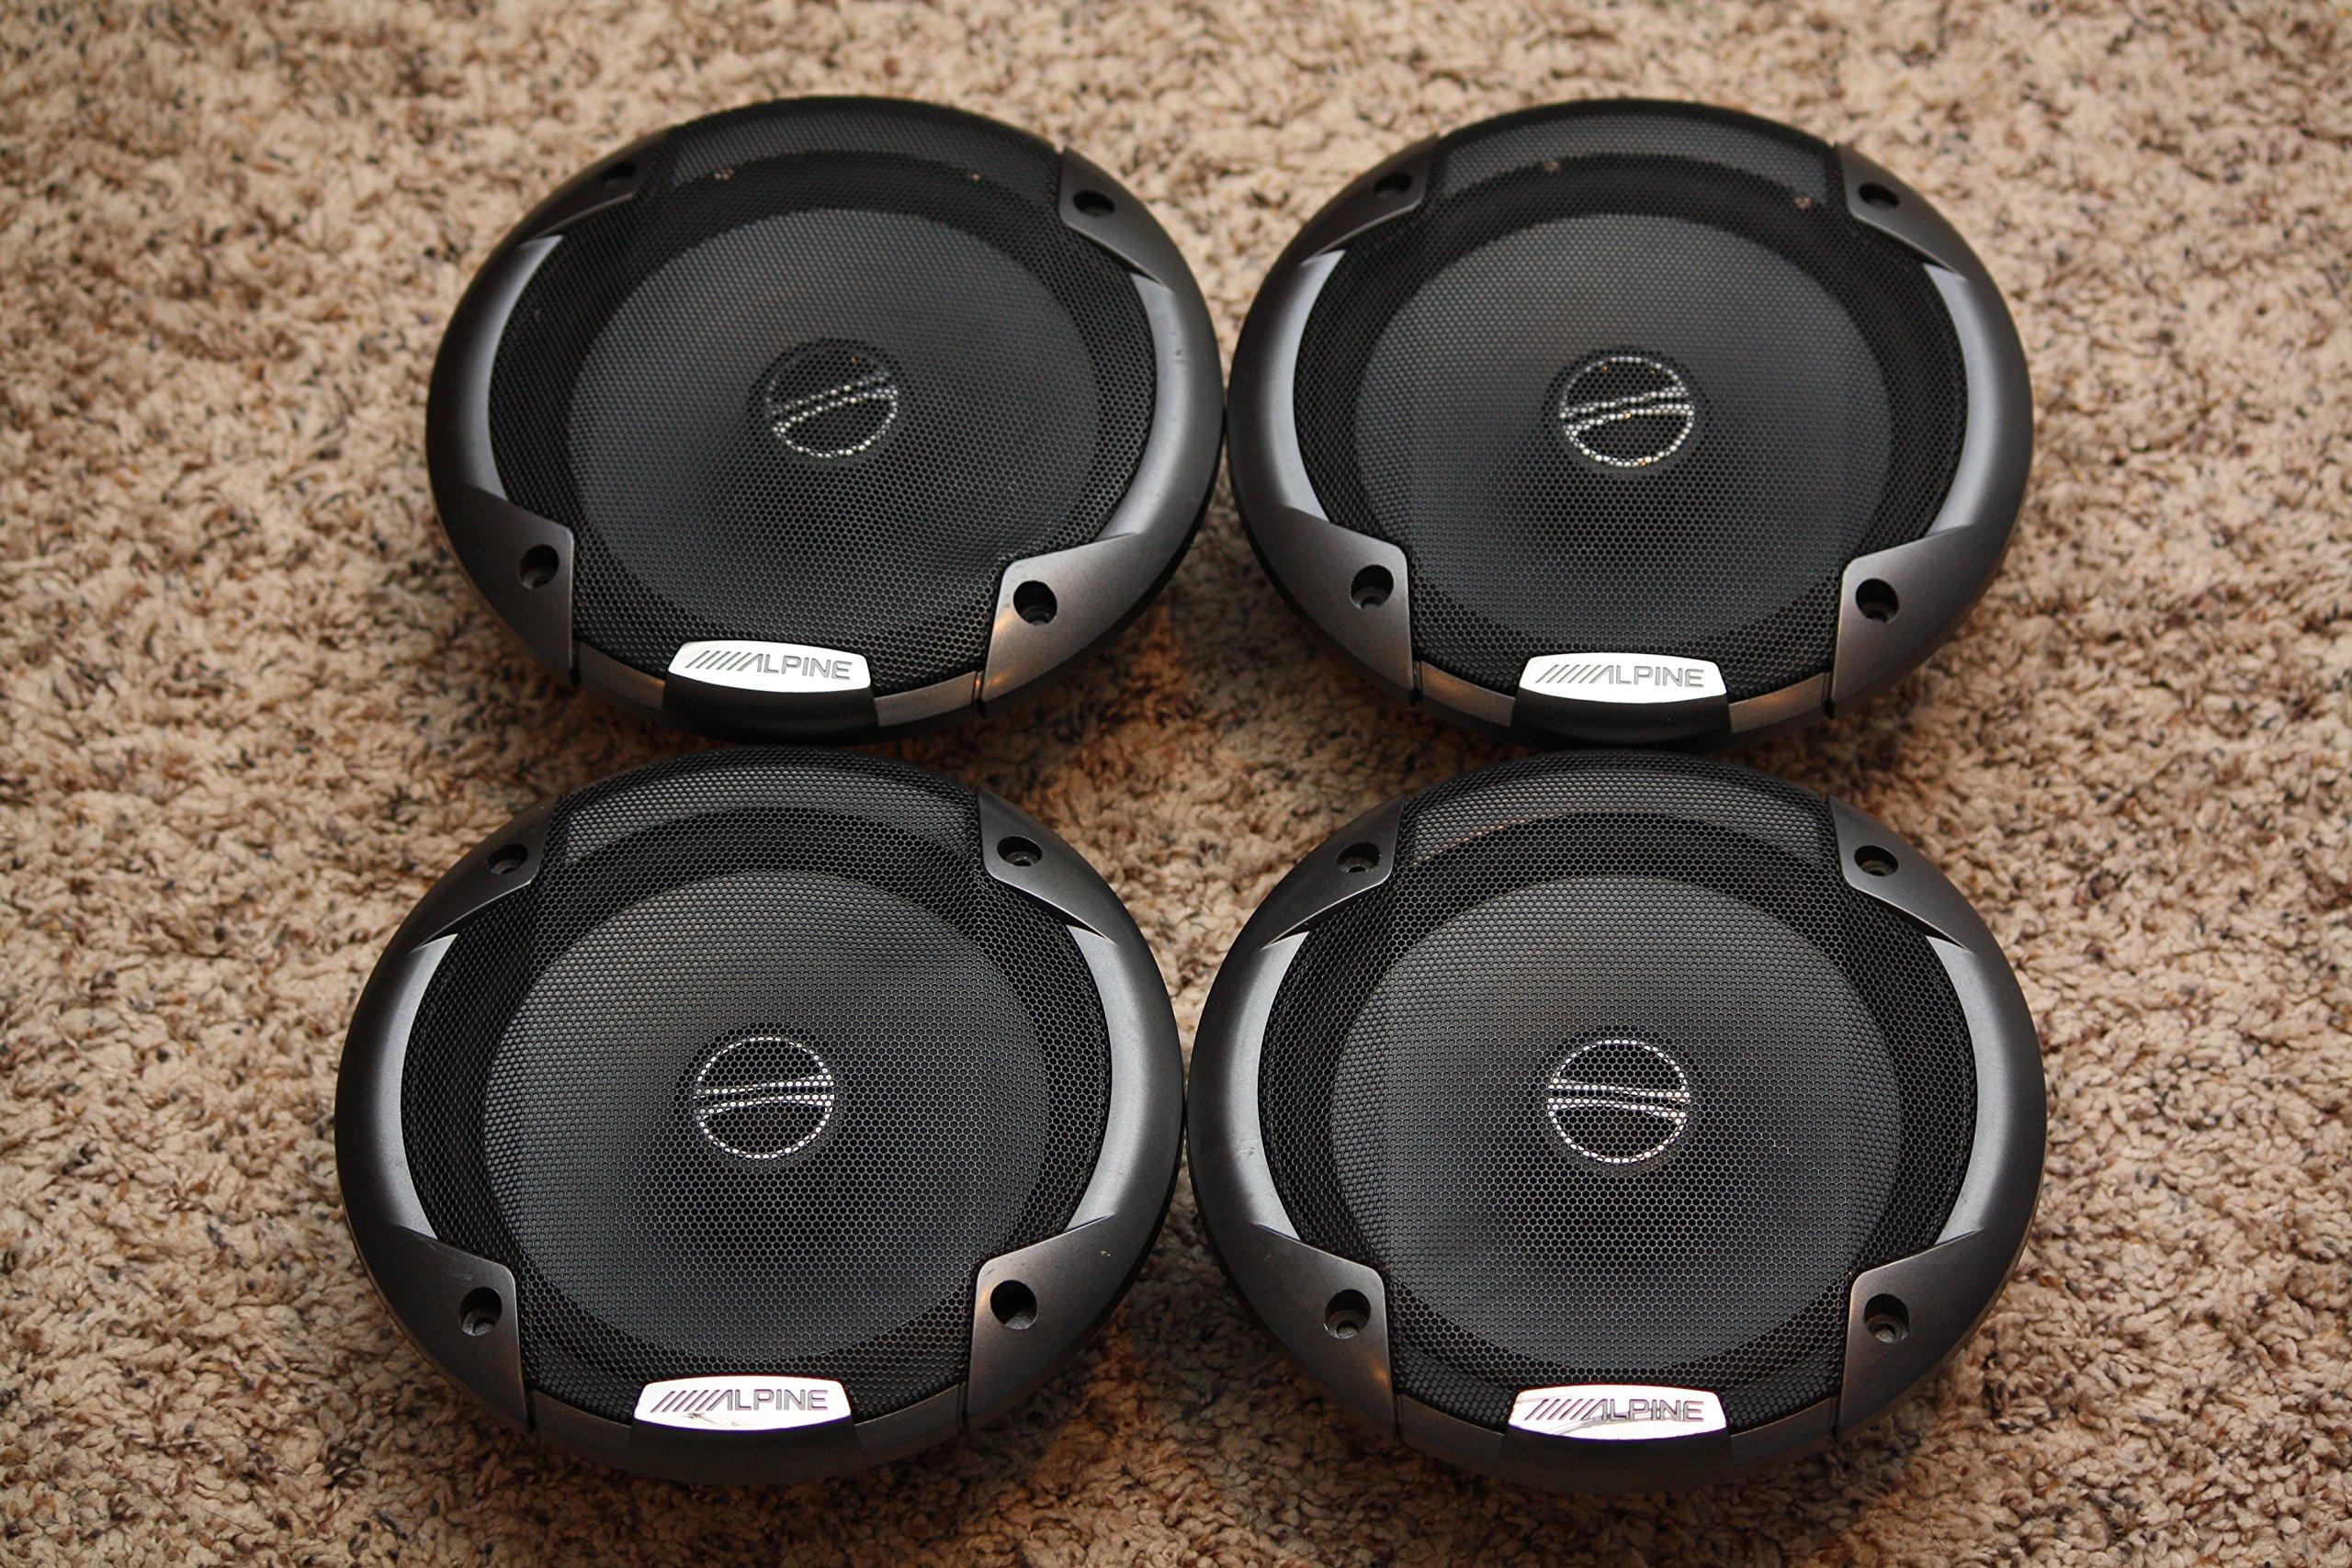 (2) Pairs Alpine Spe-6000 6.5'' 2 Way Pair of Car Speakers Totalling 960 Watts Peak / 240 Watts RMS